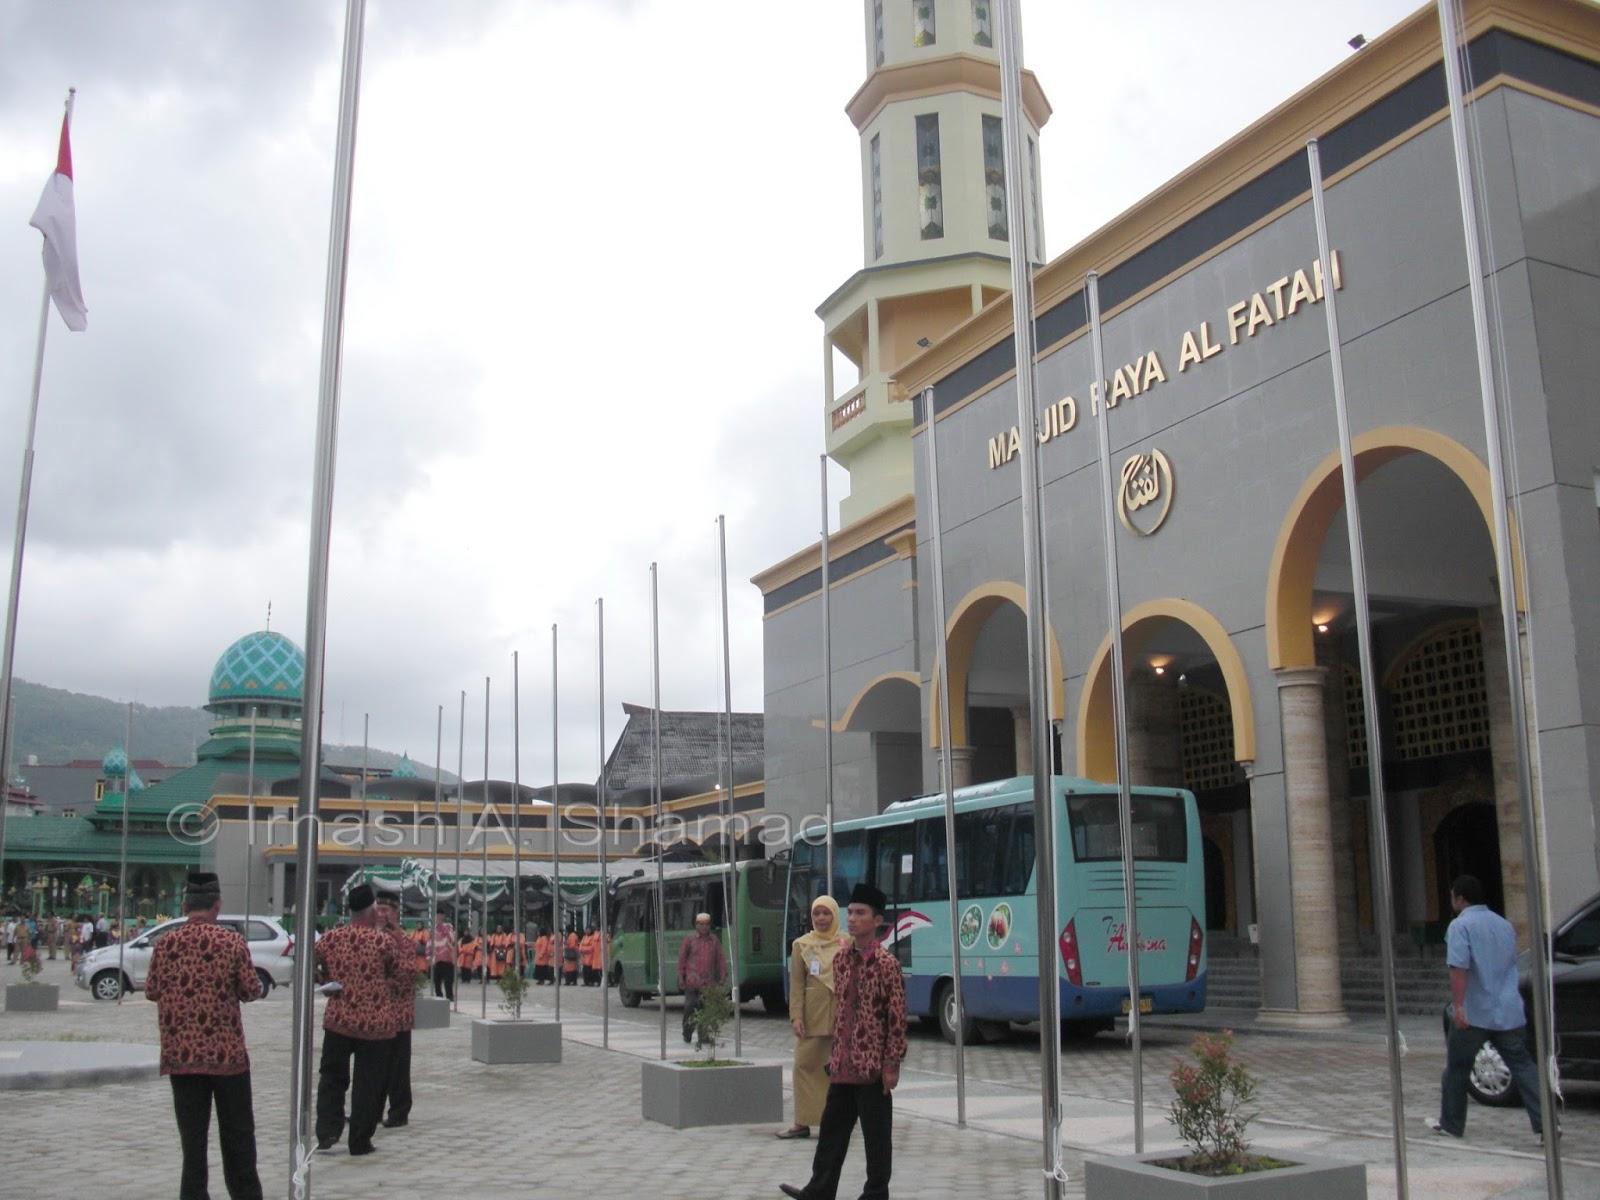 Masjid Raya Al Fatah Indonesia Kota Ambon Wisata Sejarah View